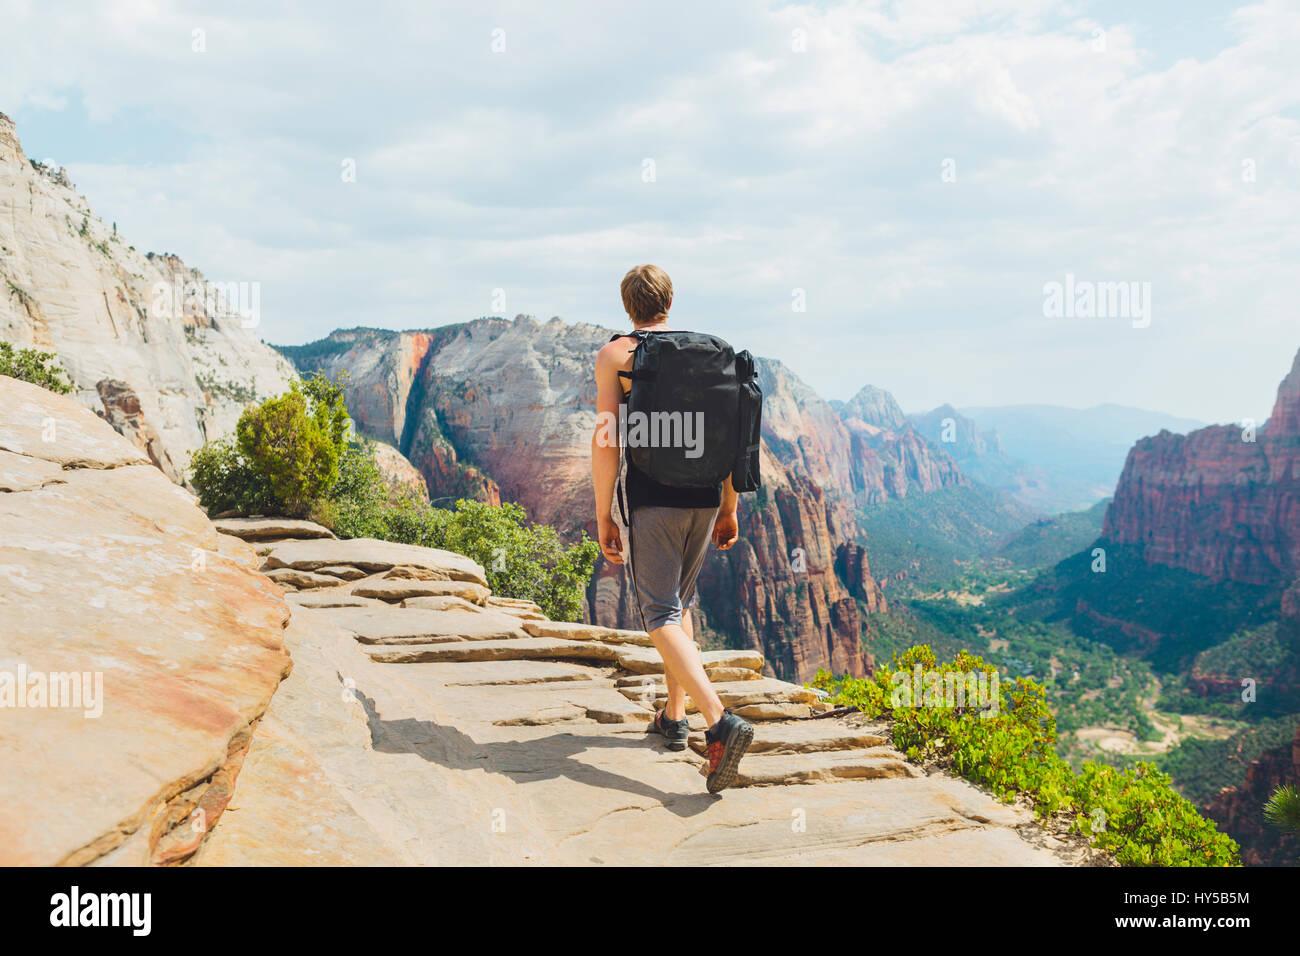 Stati Uniti d'America, Utah, uomo escursioni nel Parco Nazionale di Zion Immagini Stock